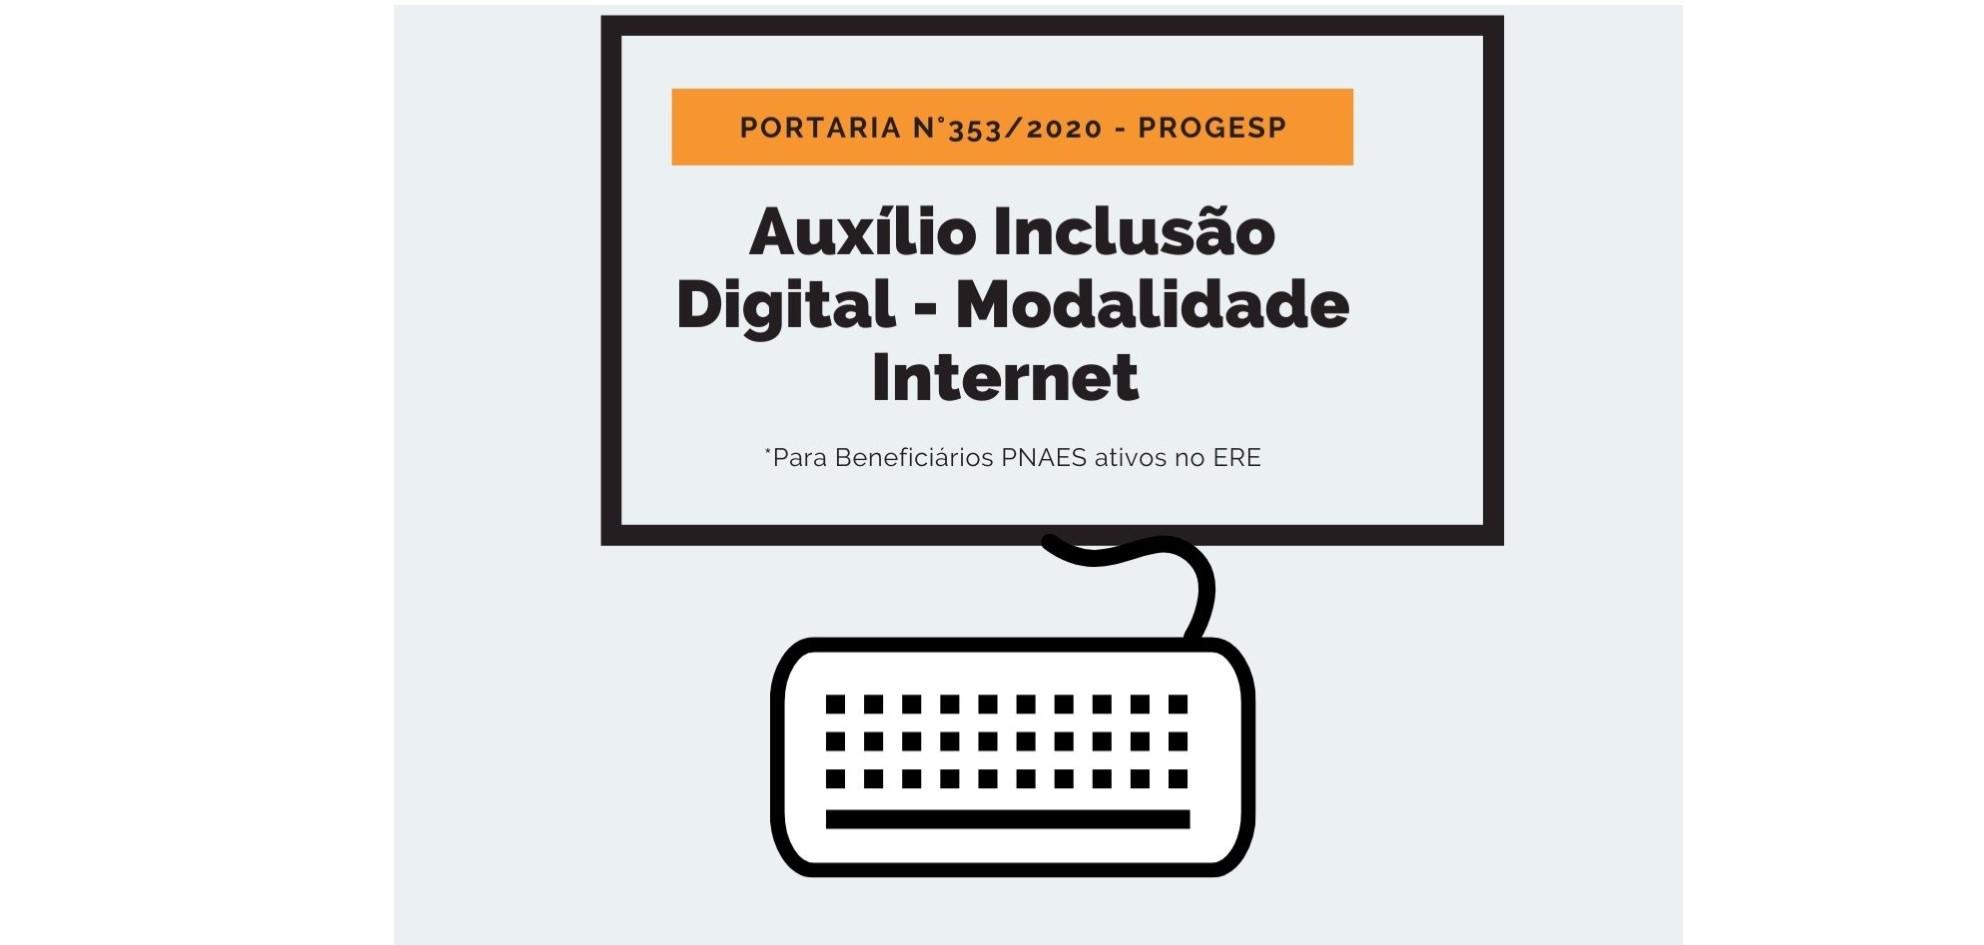 Auxílio Inclusão Digital - Modalidade Internet